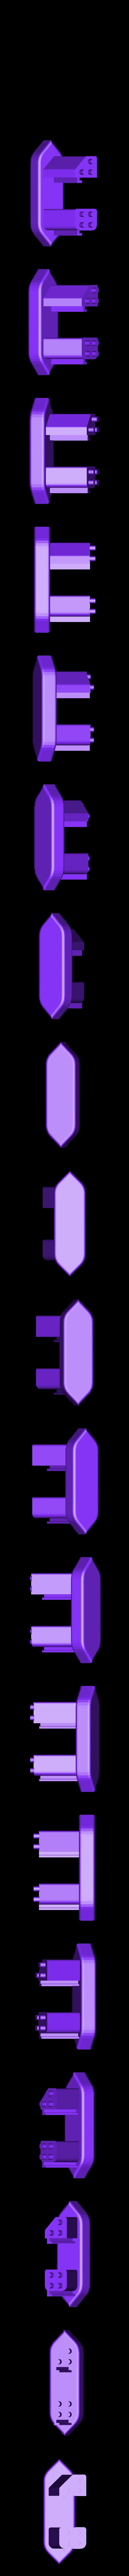 FloatP1-left.stl Télécharger fichier STL gratuit MakeItFloat Boat-Rig • Design imprimable en 3D, Rusichar